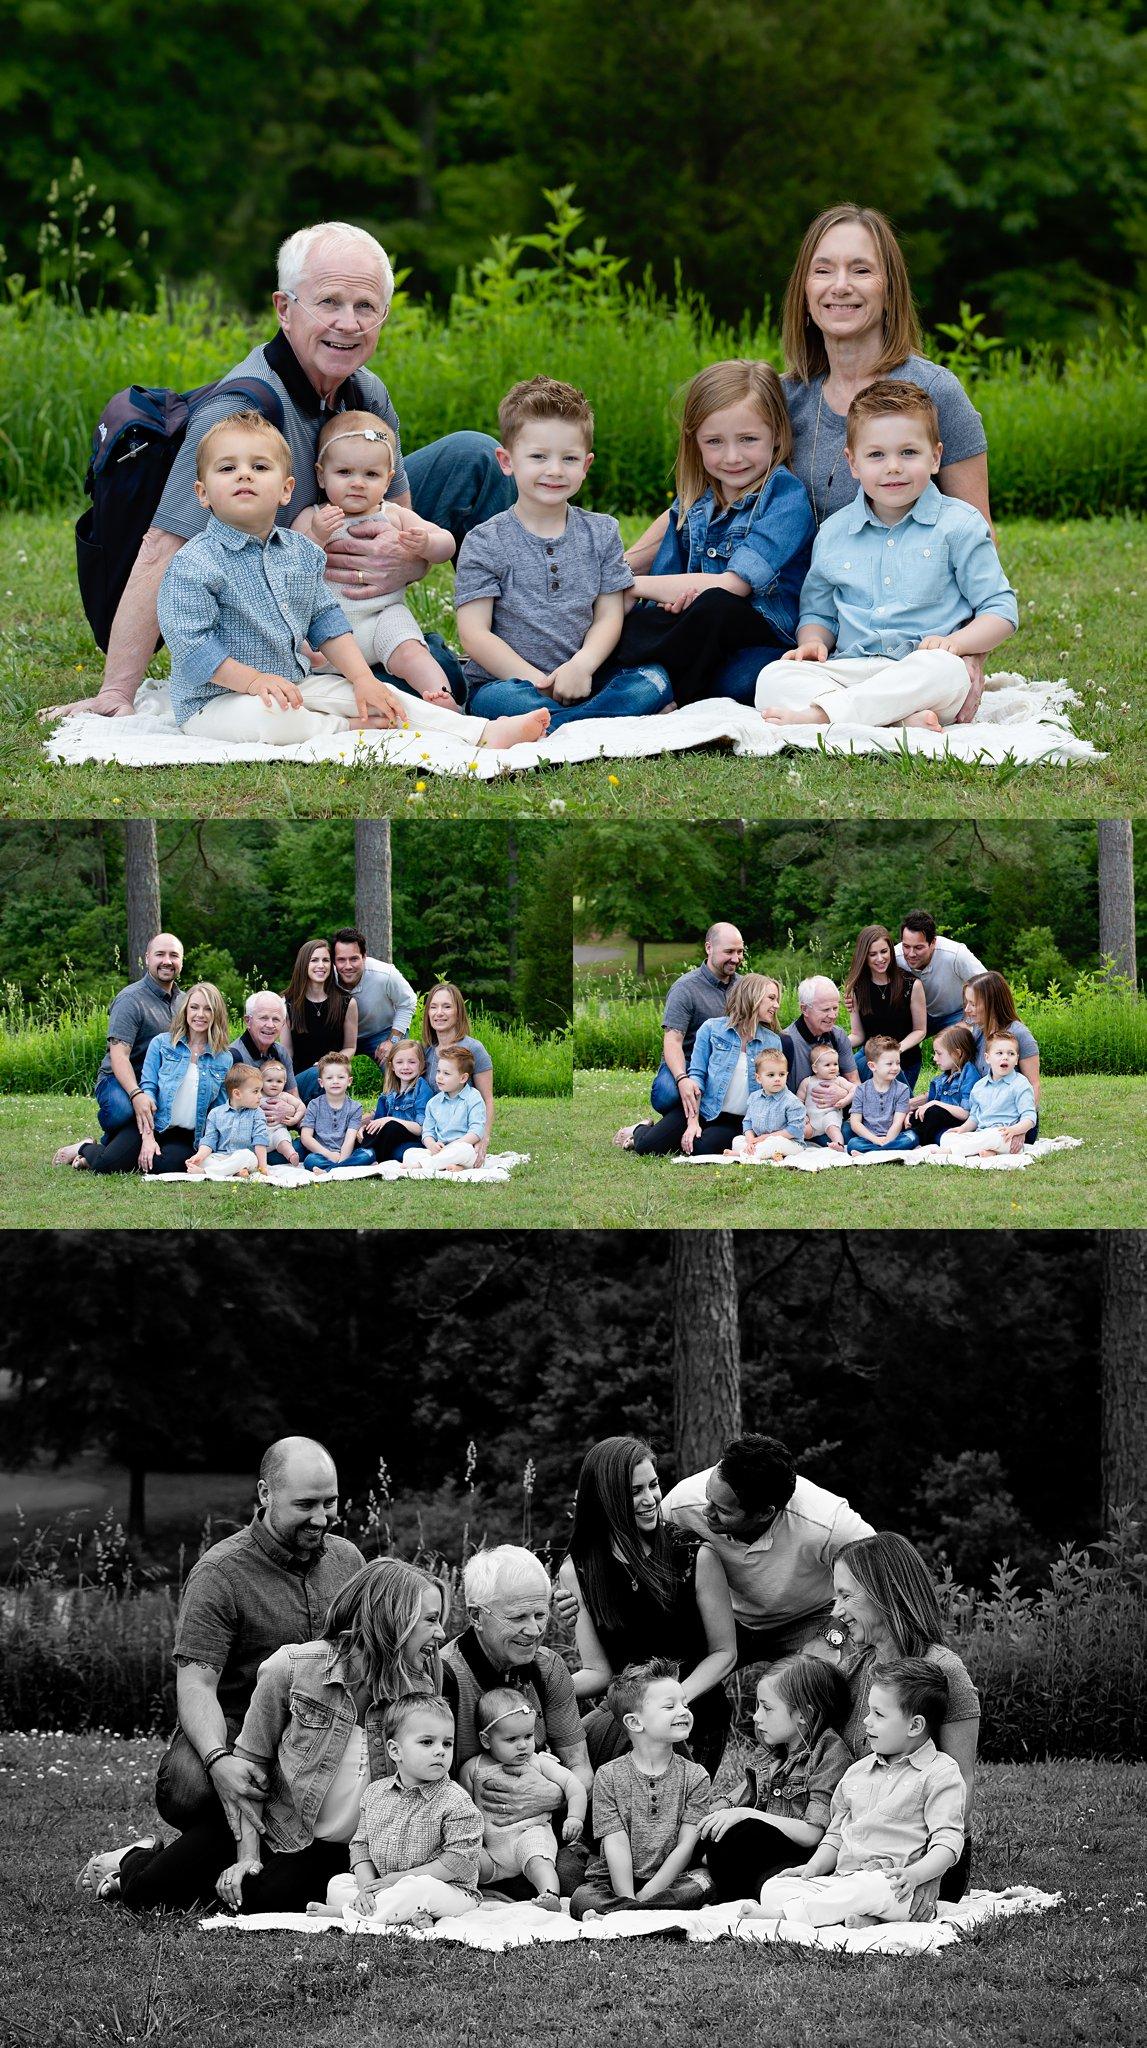 Joyner_Park_Spring_Mini_Session_Family_Photography.jpg